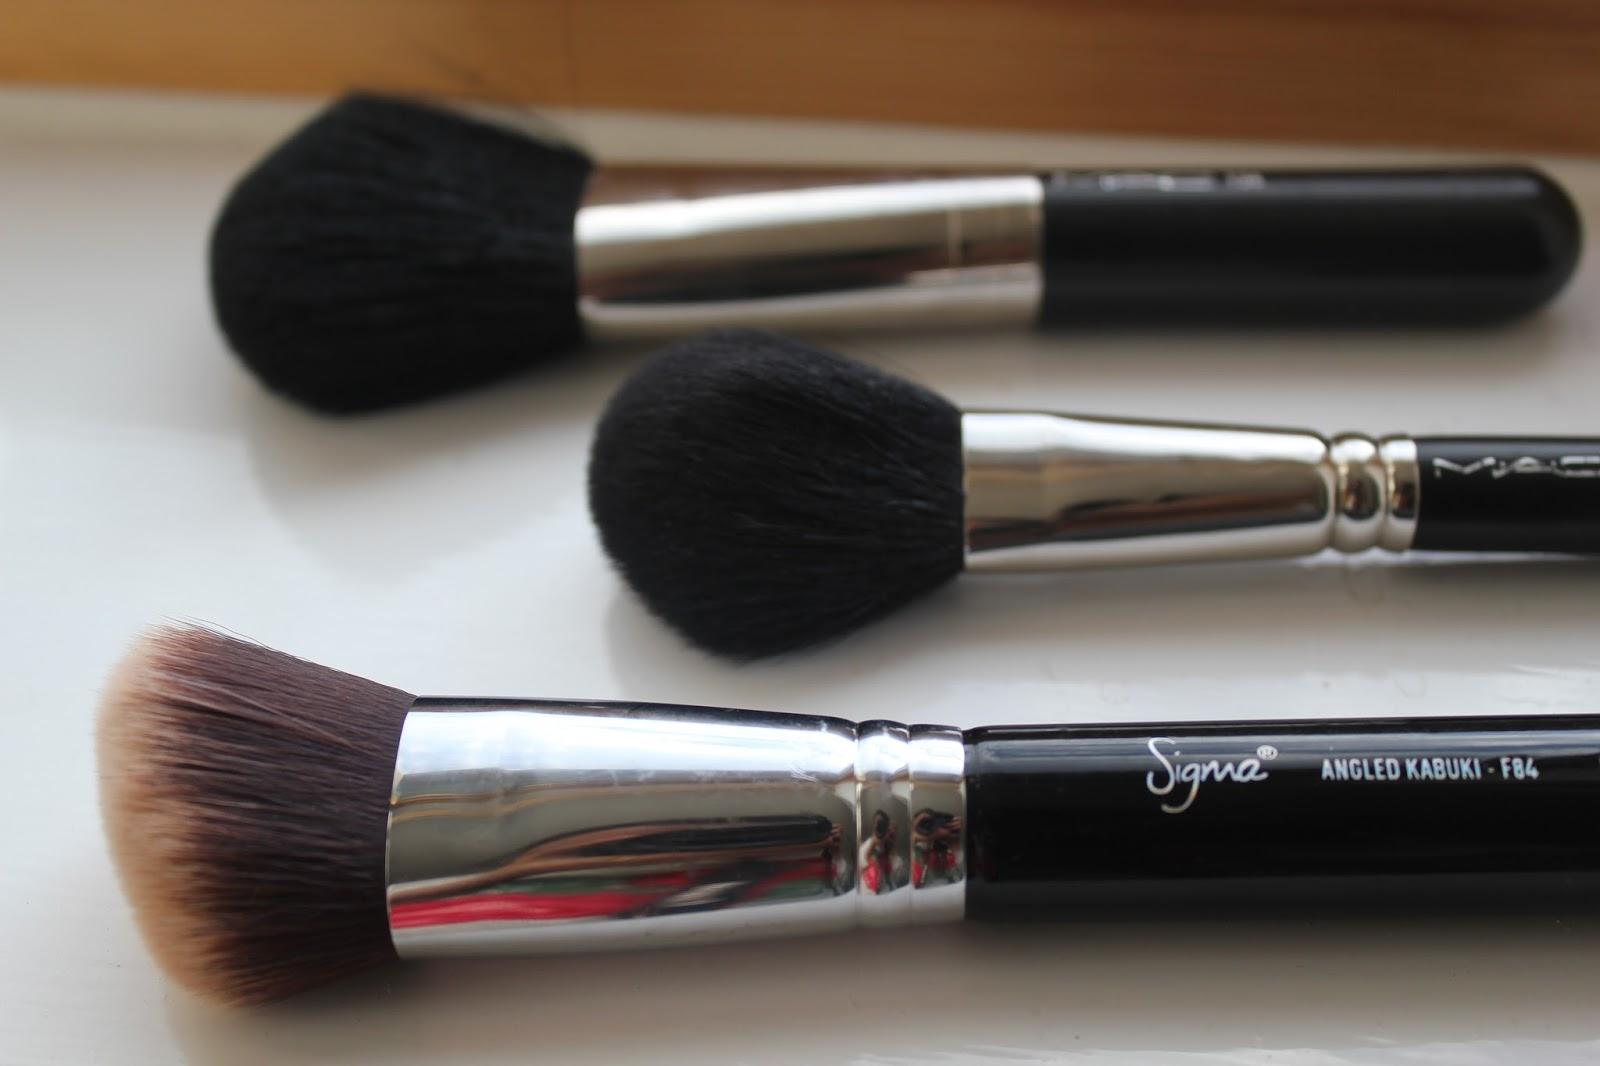 Sushy Loves Blush: MAC 116 blush brush - Review & Photos